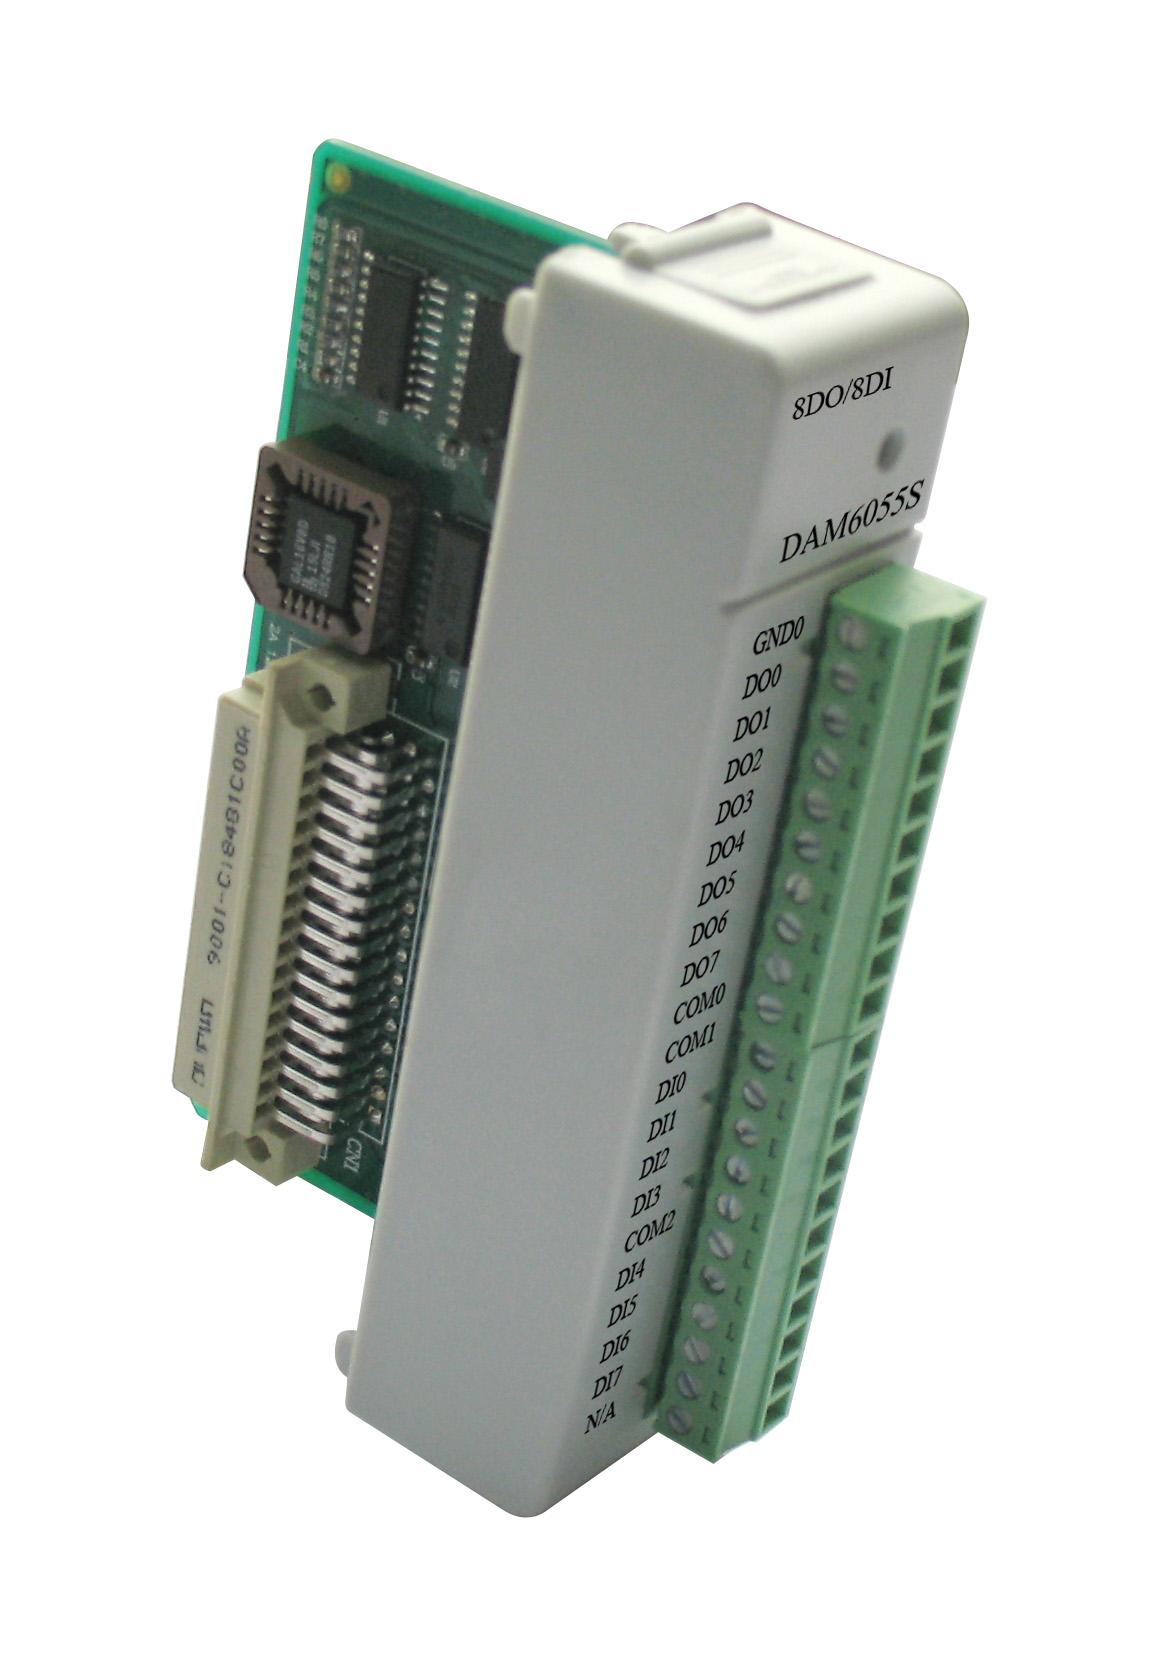 阿尔泰DAM6055S-带LED显示的16路隔离数字量I/O